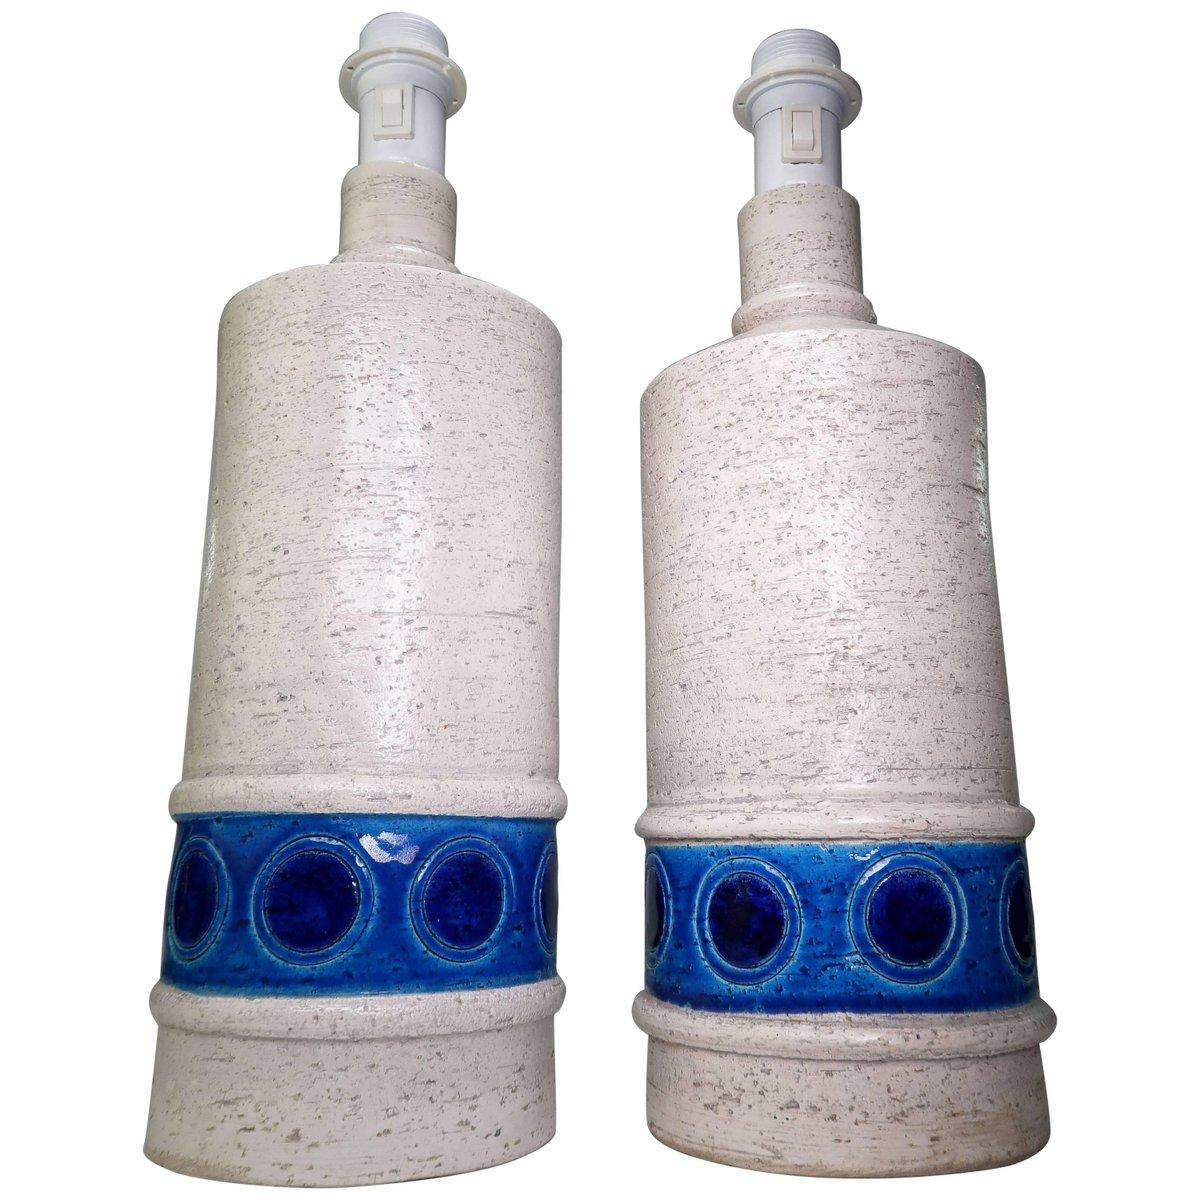 Modelle B4/35 Tischlampen aus Keramik in Weiß & Blau von Aldo Londi fü...